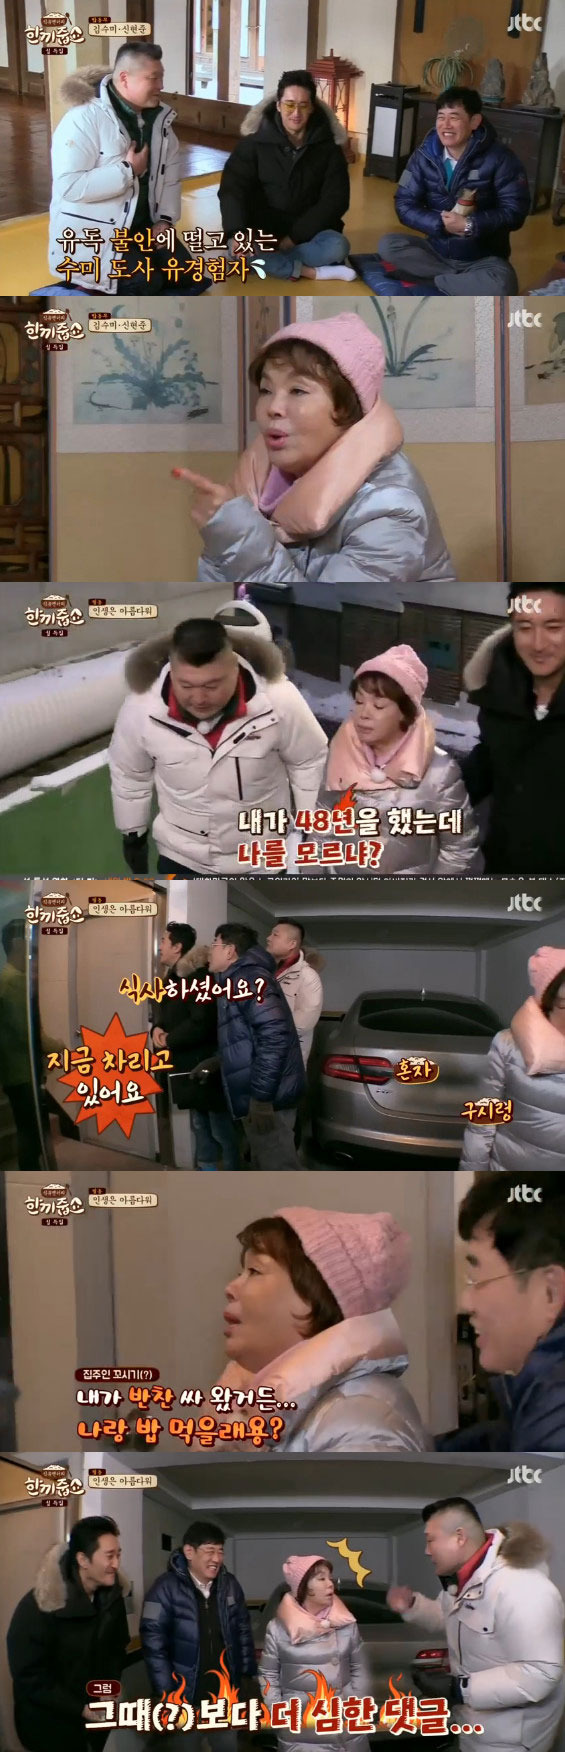 '한끼줍쇼' 김수미X신현준 필동 출격, 전무후무 한 끼 성공기 (종합)